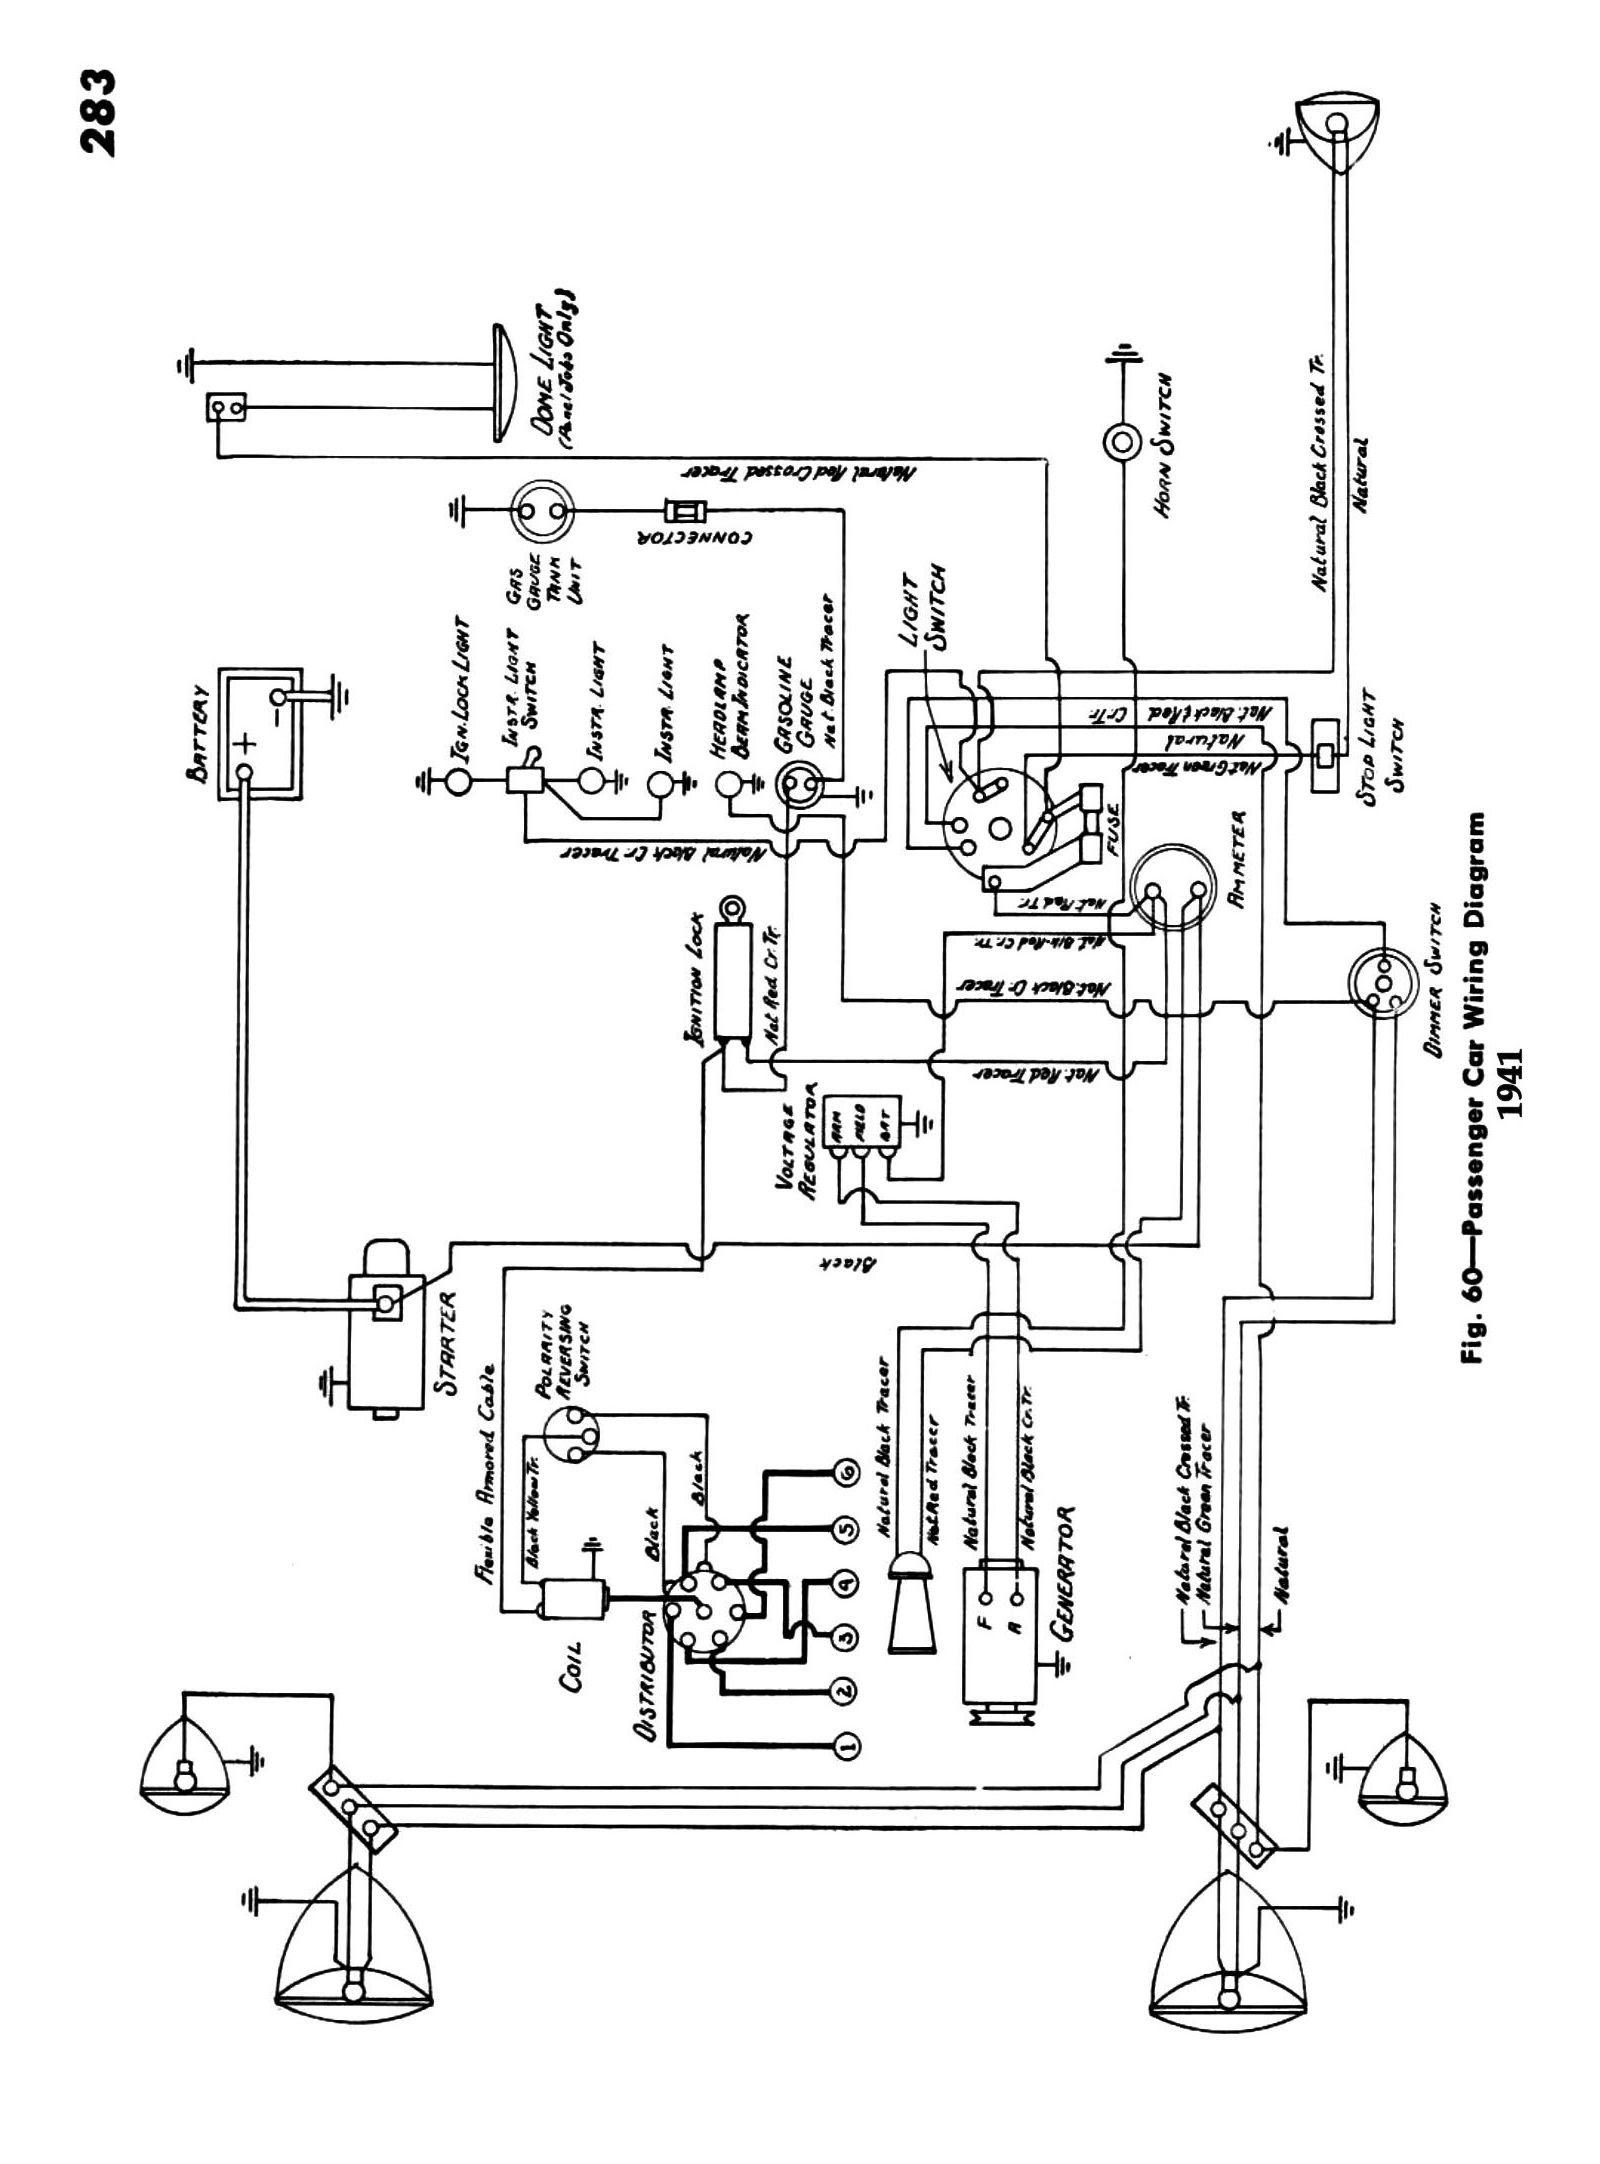 roger vivi ersaks: 2005 Chevrolet Silverado Blower Motor